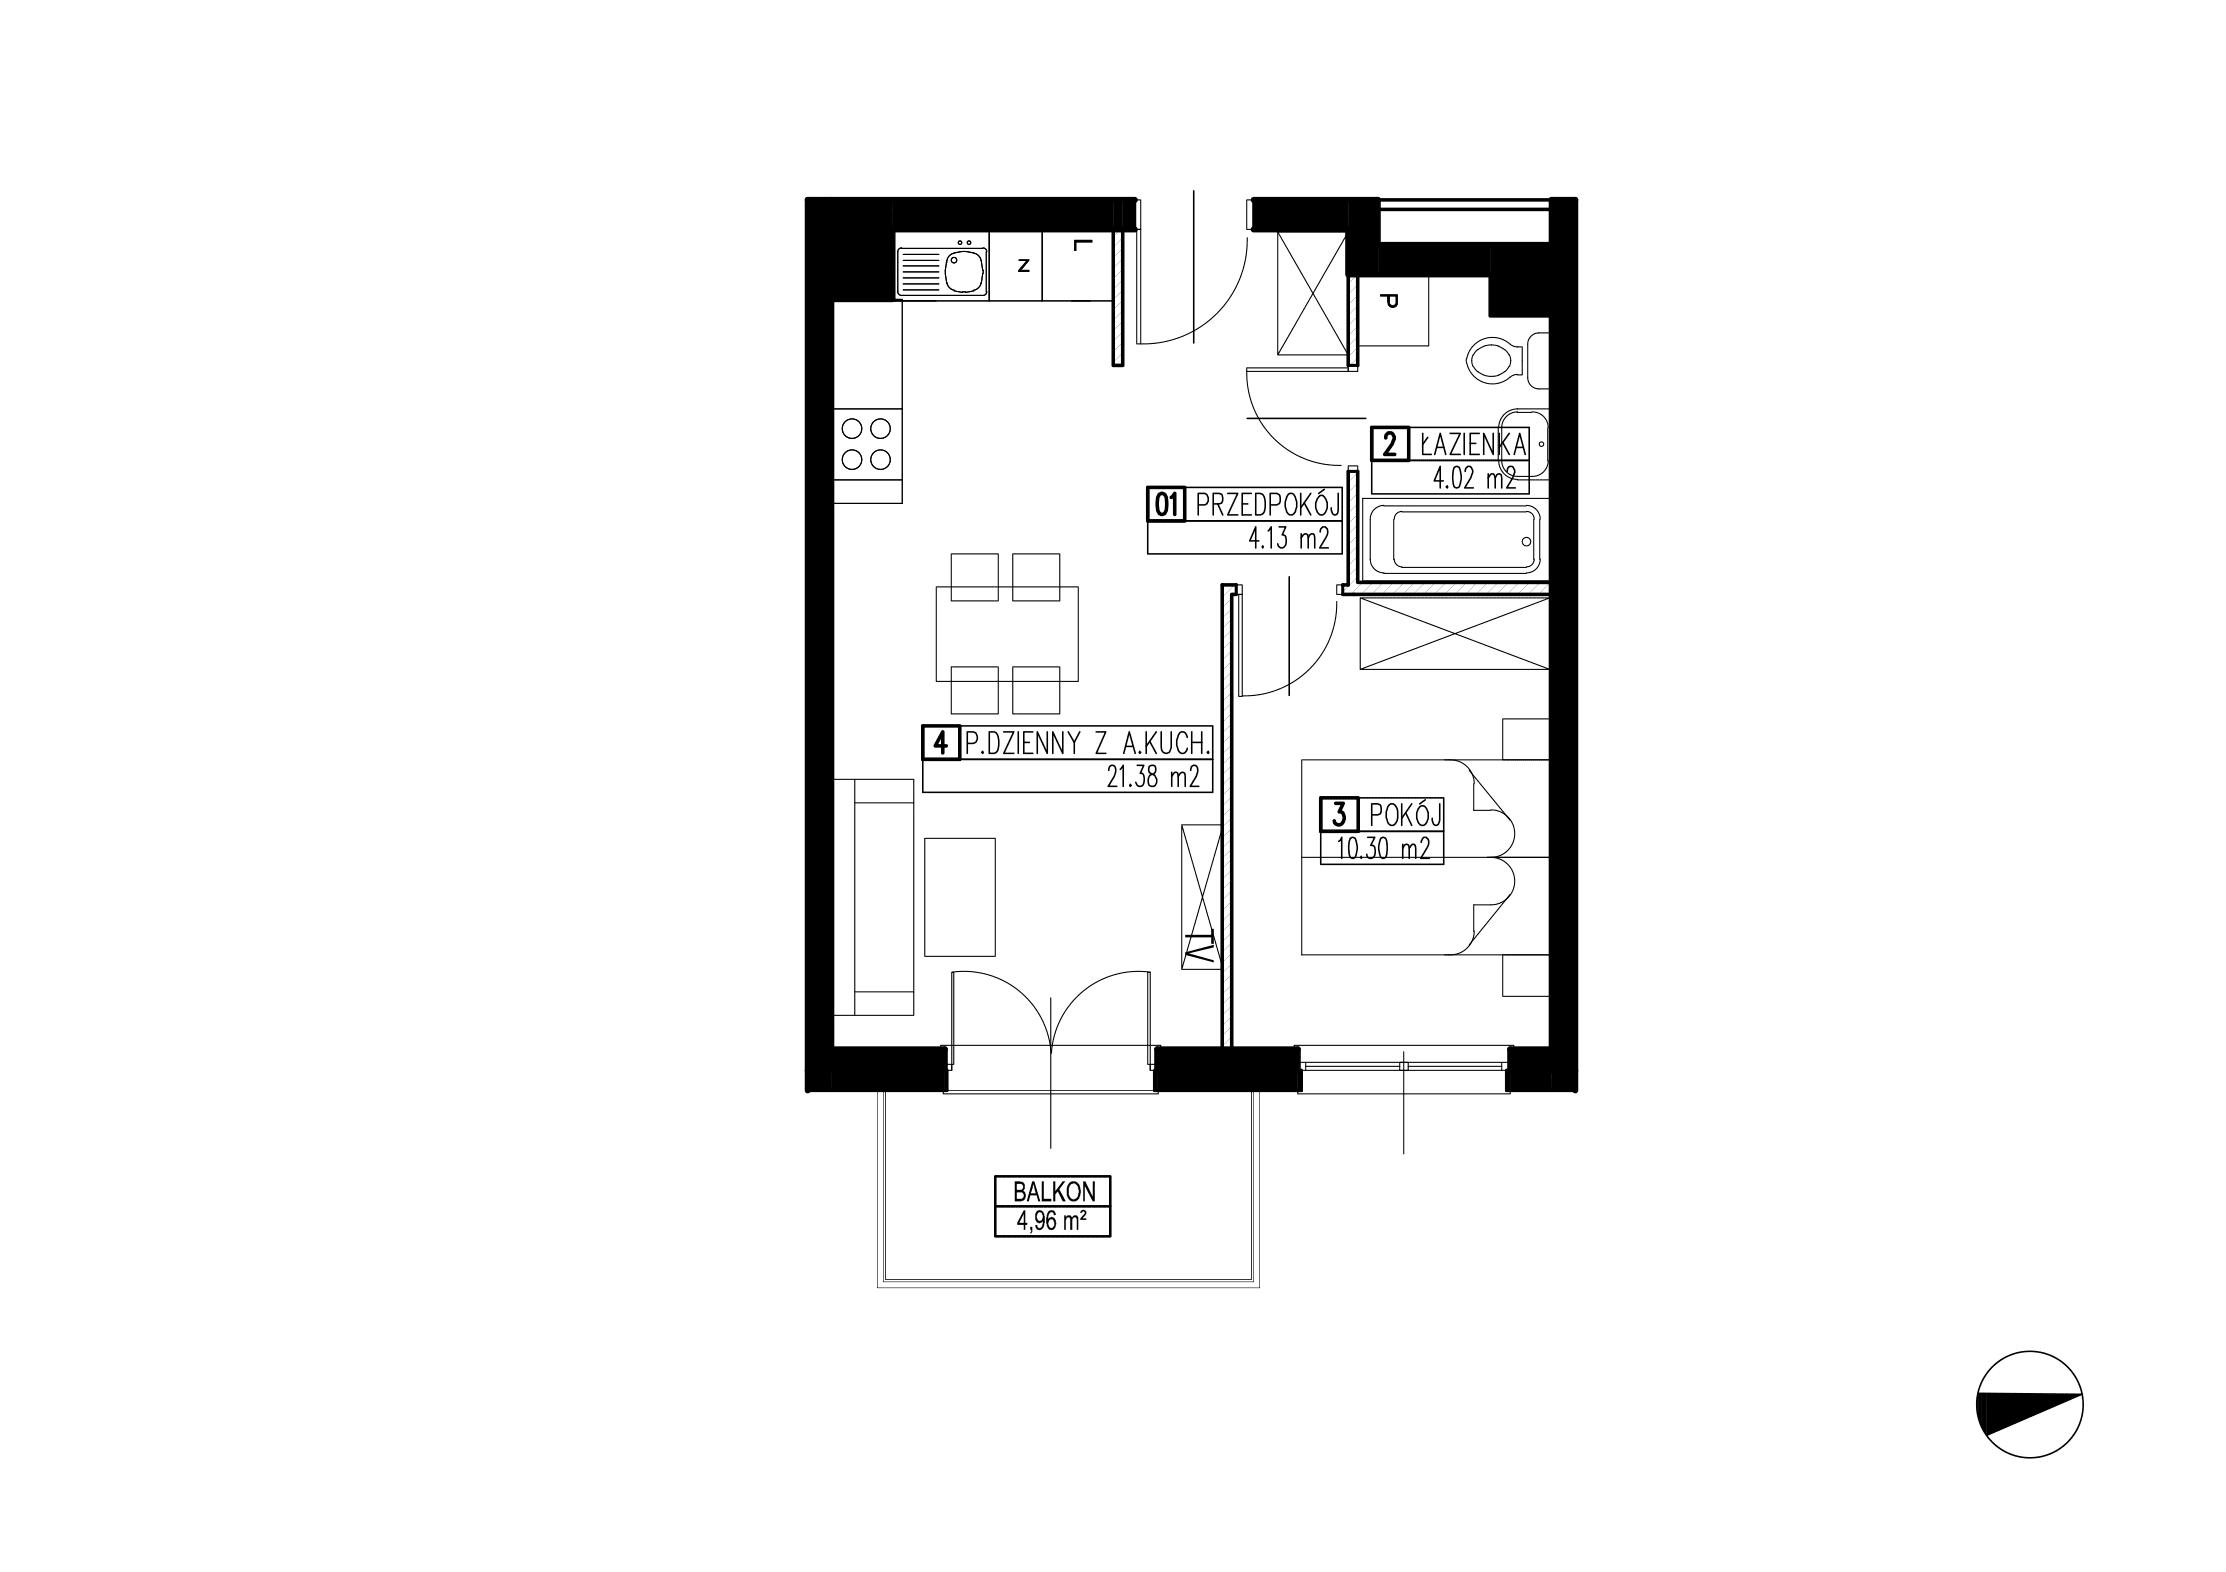 Wojszyckie Alejki / budynek 2 / mieszkanie WA2/B/1/1 rzut 1